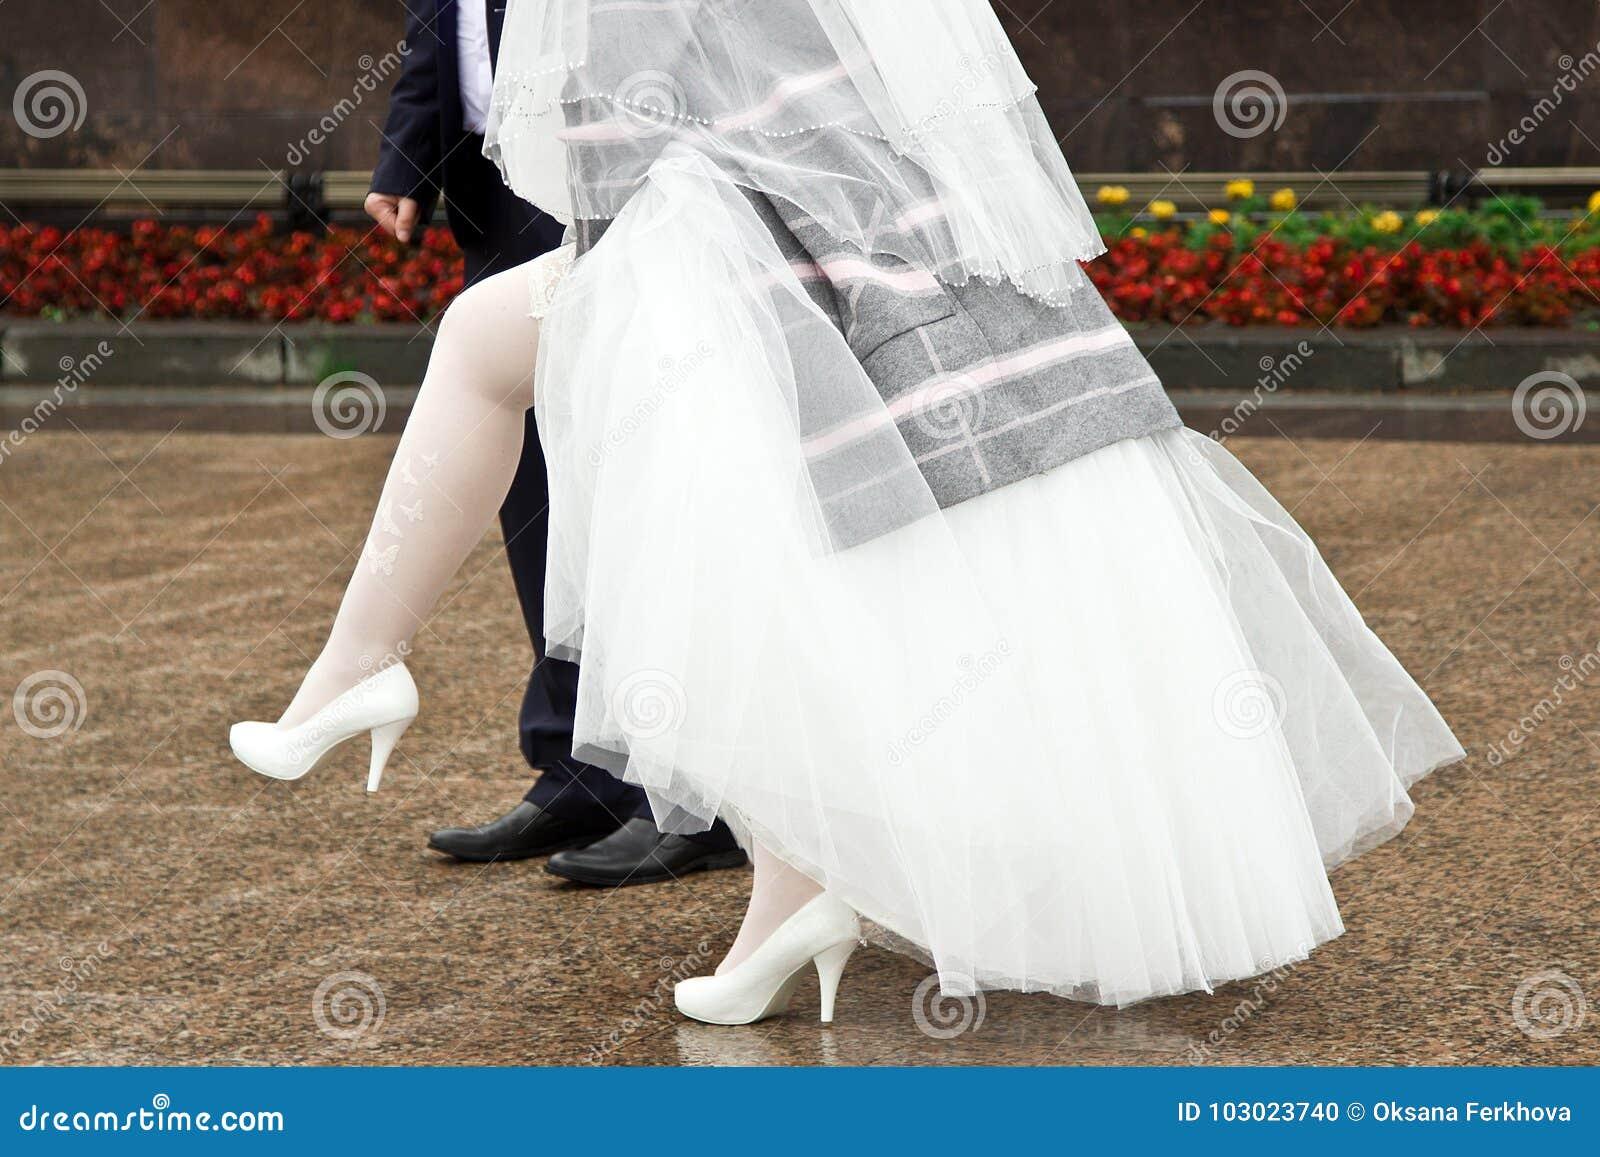 White stockings wedding dress | Porn foto)